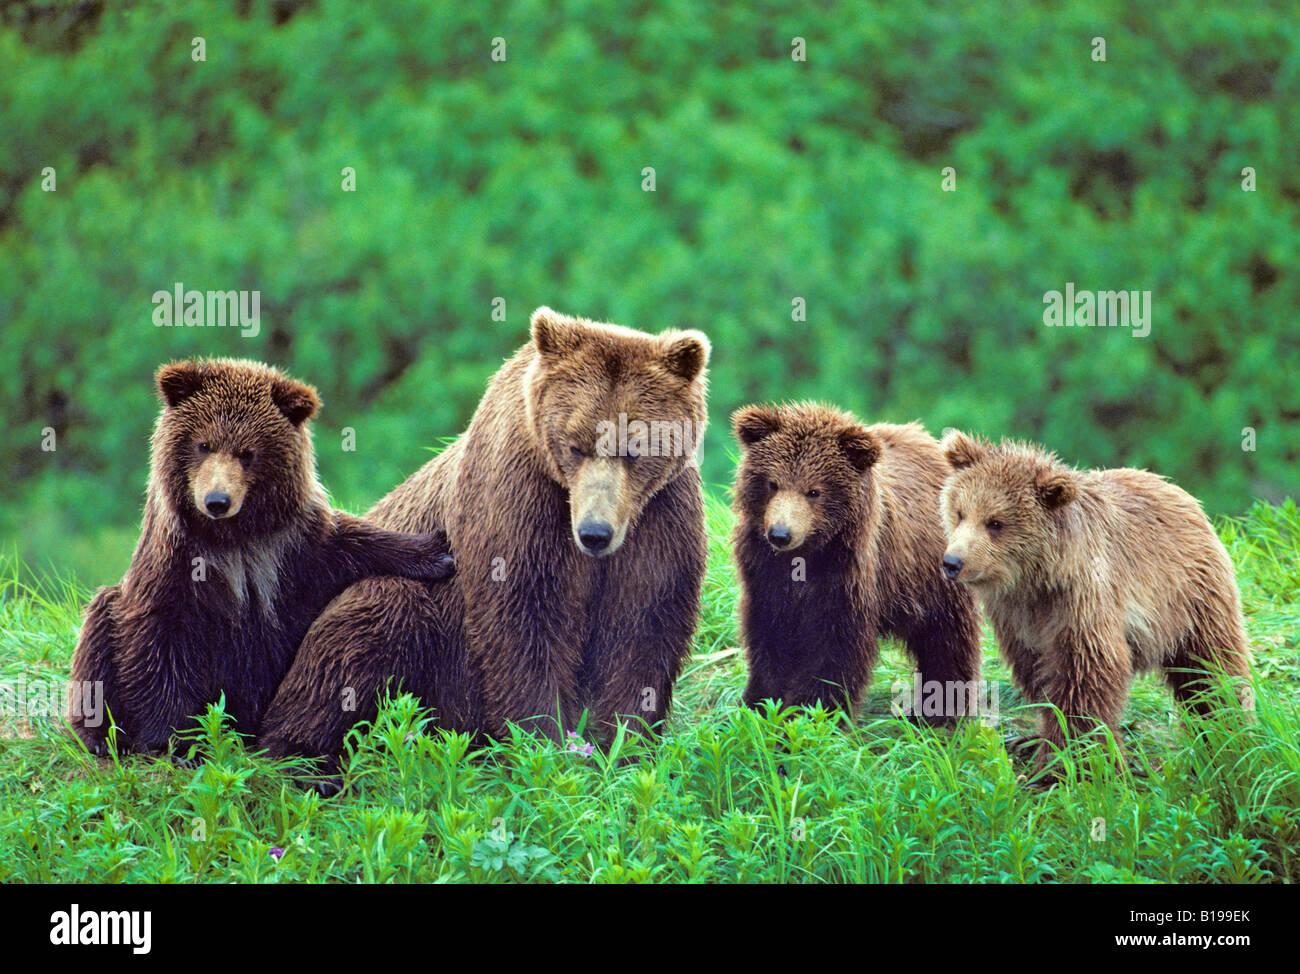 Mère de l'ours brun (Ursus arctos) triplet avec leurs petits, âgés d'un côte de l'Alaska. Photo Stock